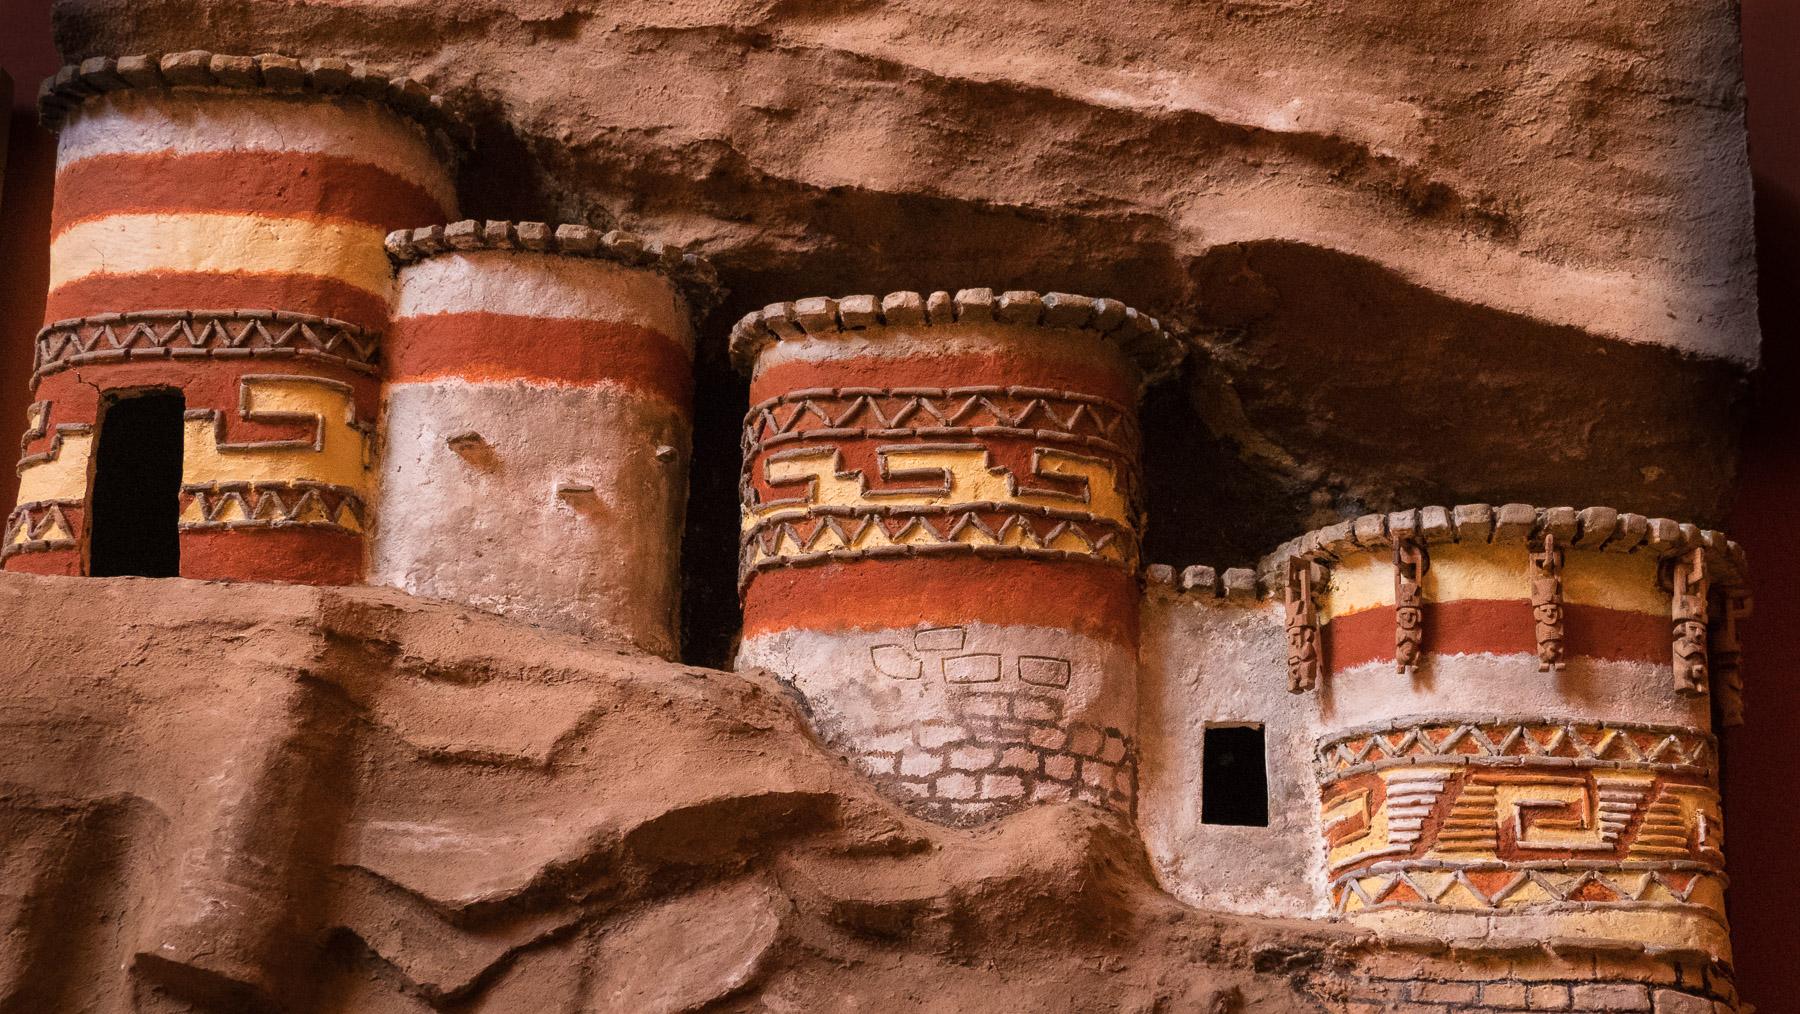 Weiteres Modell einer Begräbnisstätte in den steilen Felswänden